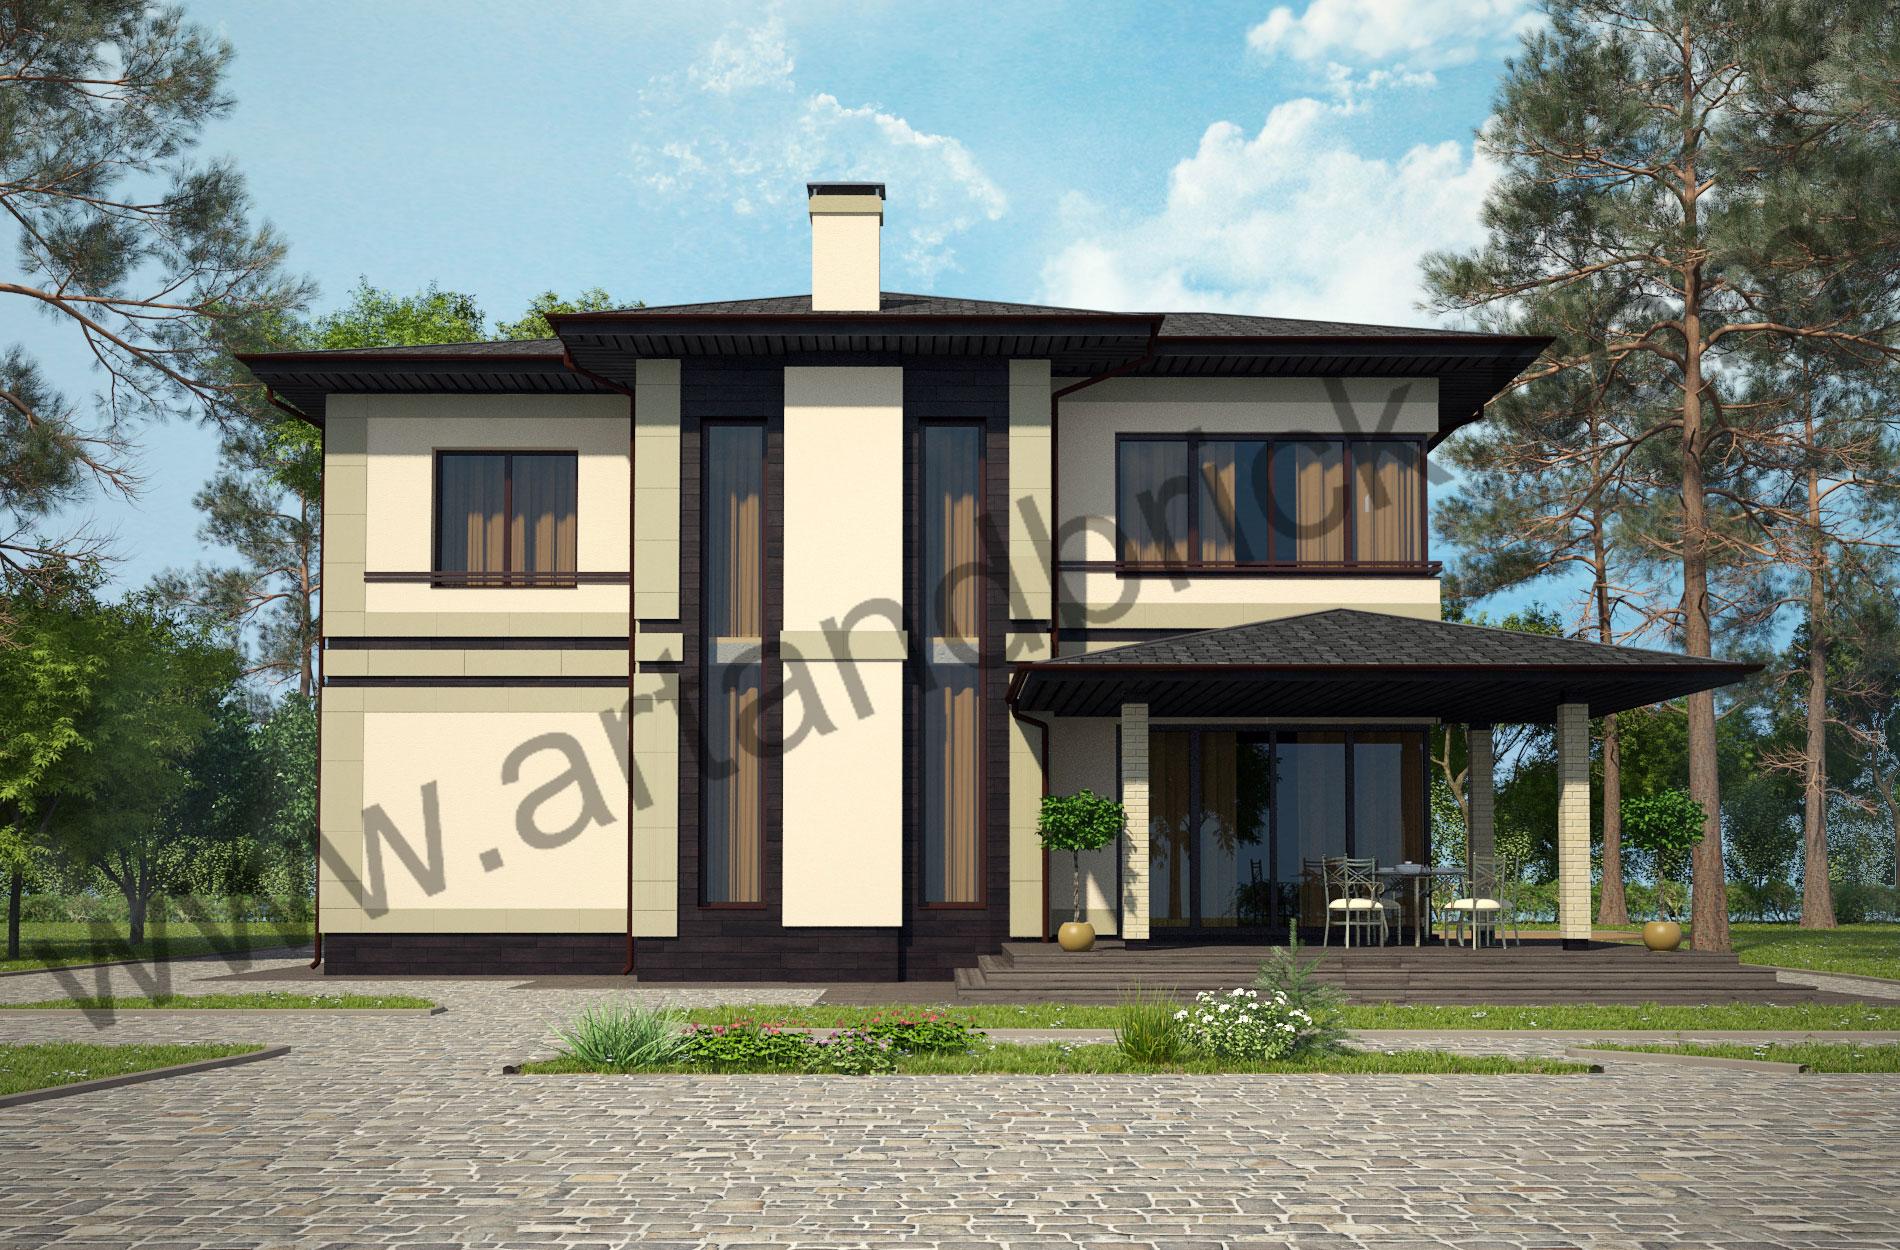 Проект дома c баней в современном стиле – задний фасад дома с террасой. Площадь современного коттеджа – 253 кв.м., площадь бани – 85 кв.м.